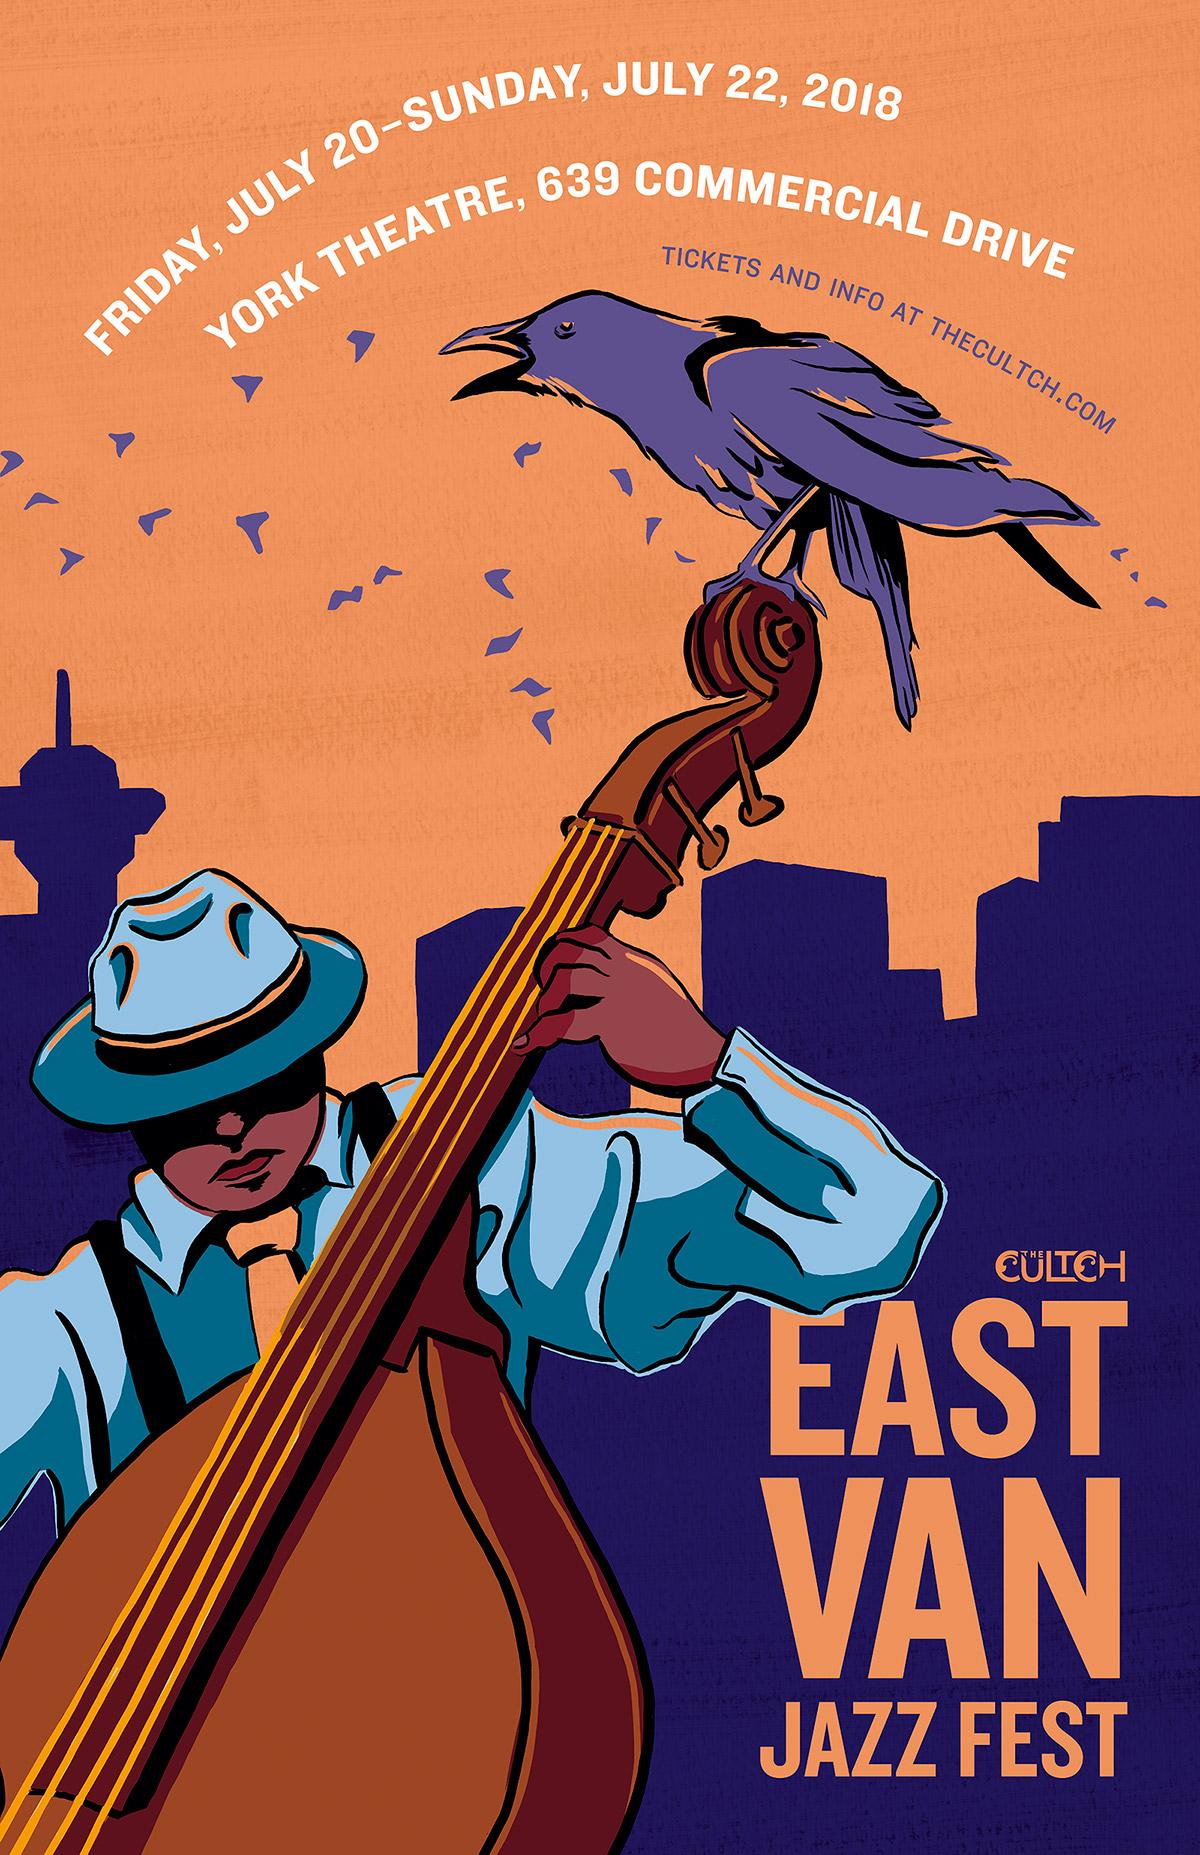 East-Van-Jazz-Festival-poster-illustration-and-design-by-Fiona-Dunnett.jpg